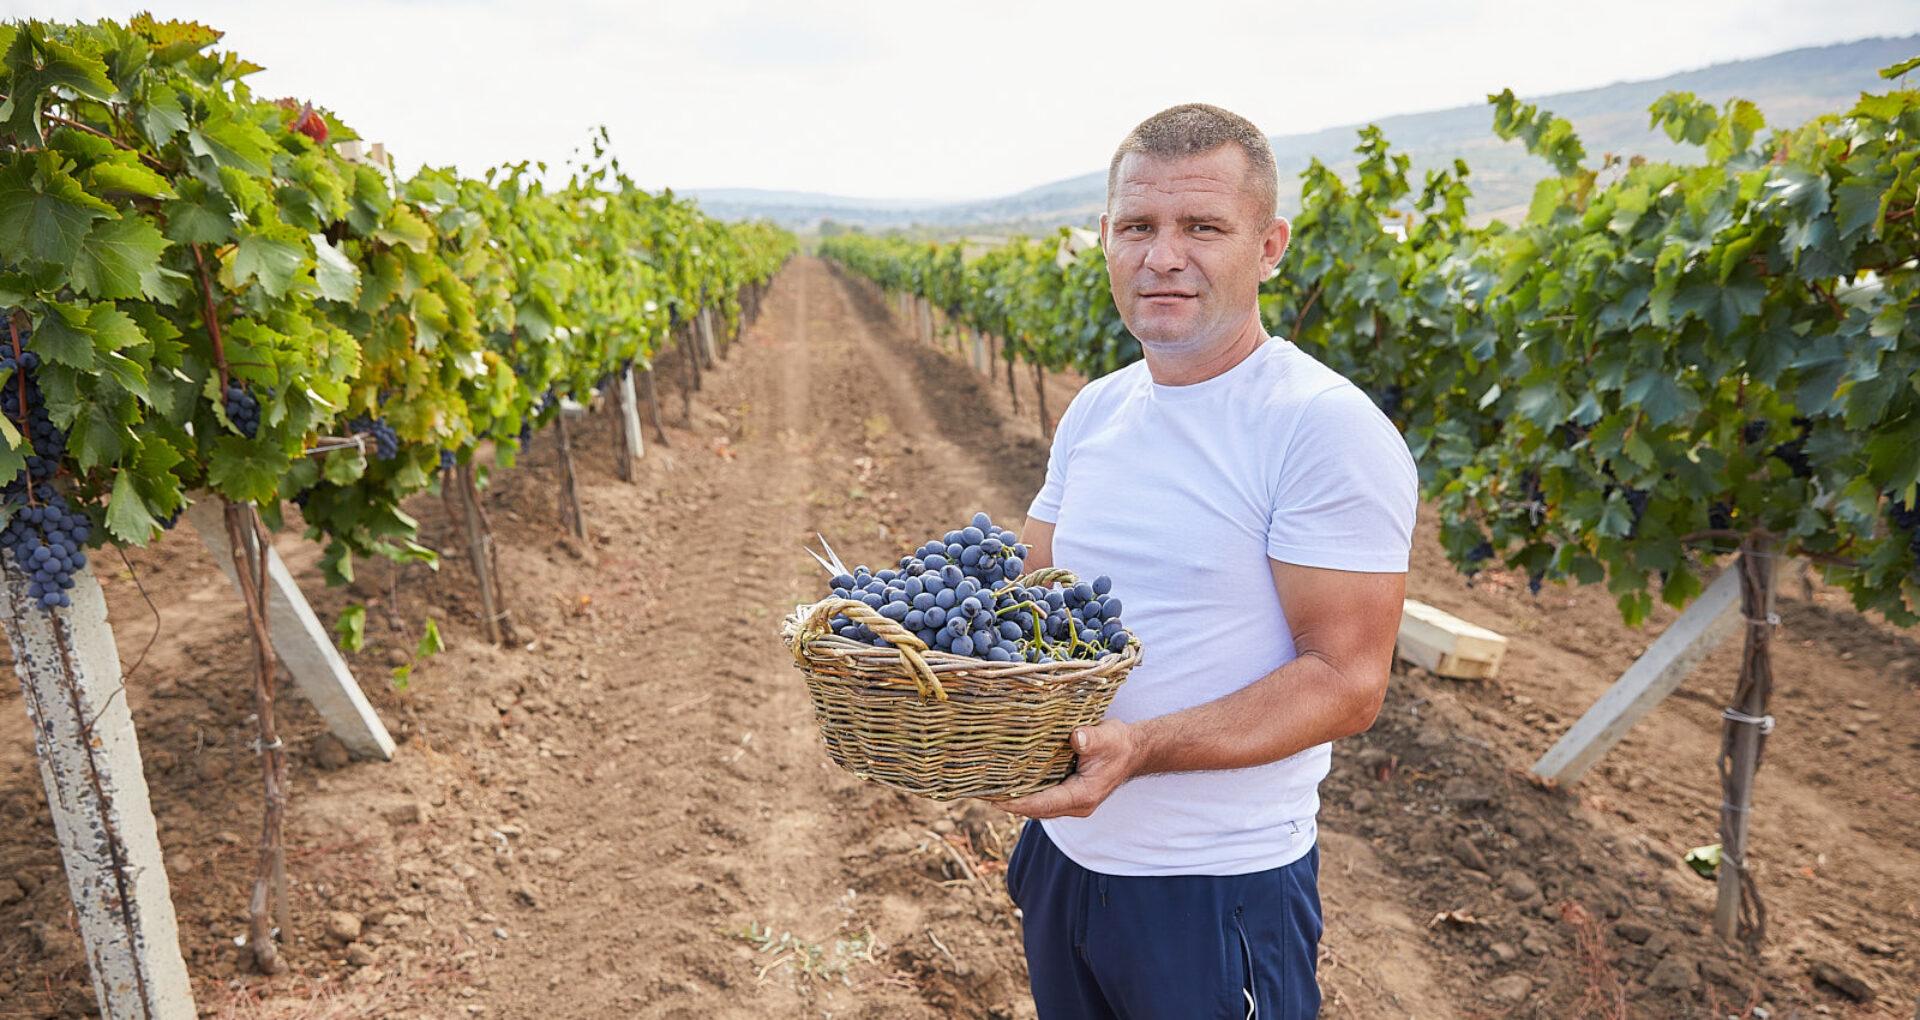 FOTO/De la șofer de curse lungi în străinătate, la agricultor în R. Moldova. Cum își crește afacerea Ion Buliga din Scoreni, Strășeni